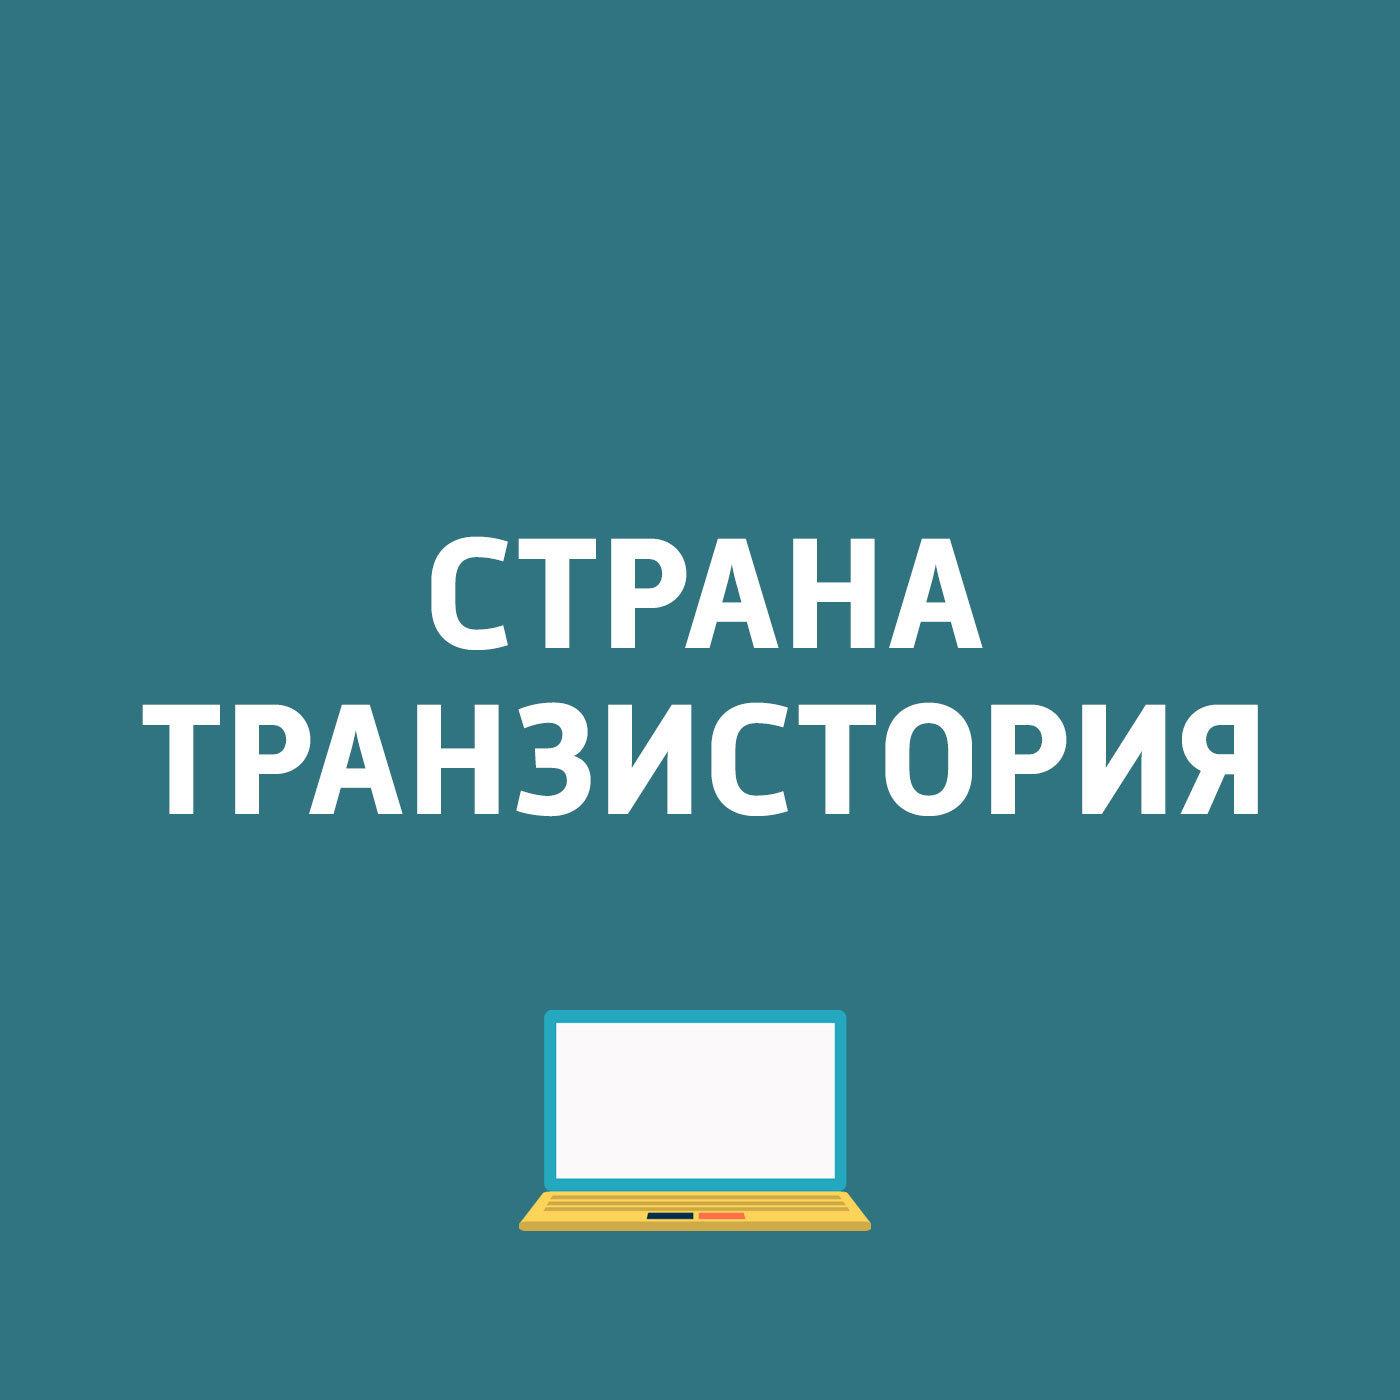 Картаев Павел Google использует нейросети для перевода  русского языка,  play - 5 лет